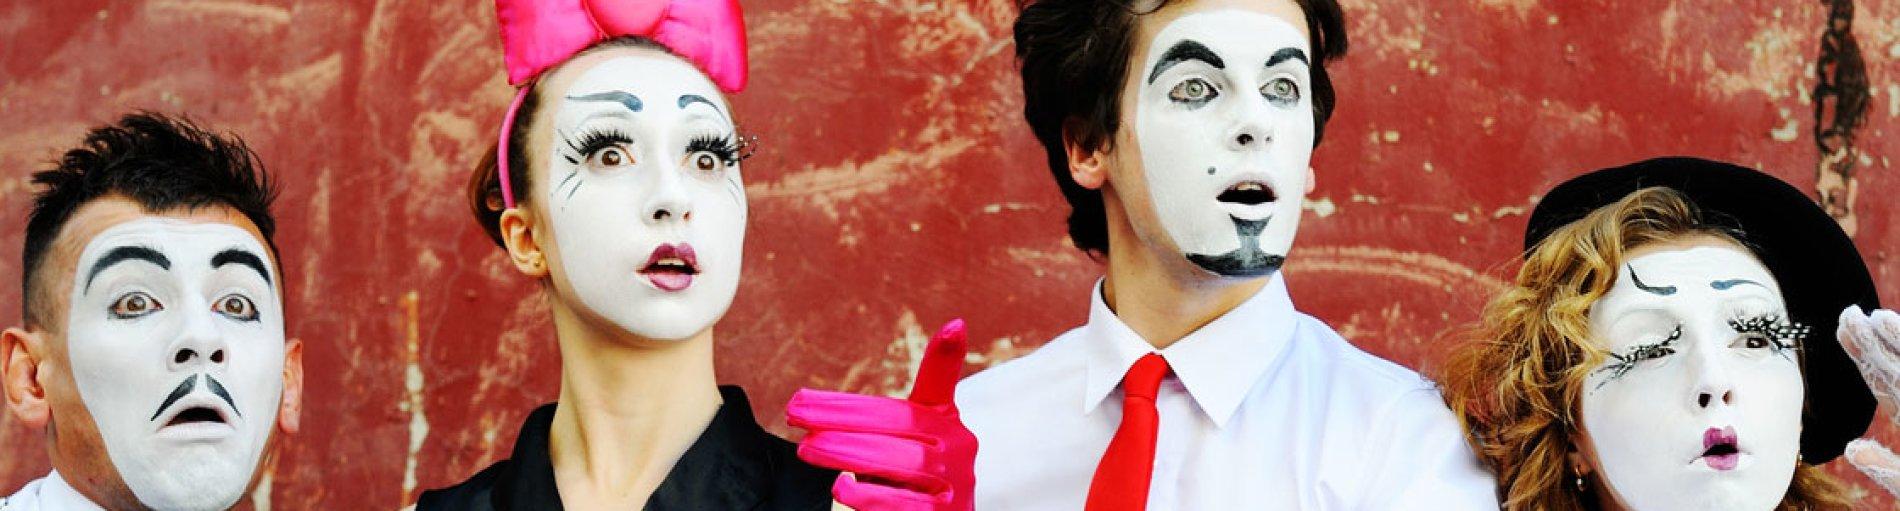 Zwei Schauspieler und zwei Schauspielerinnen mit schwarz-weiß geschminkten Gesichtern.